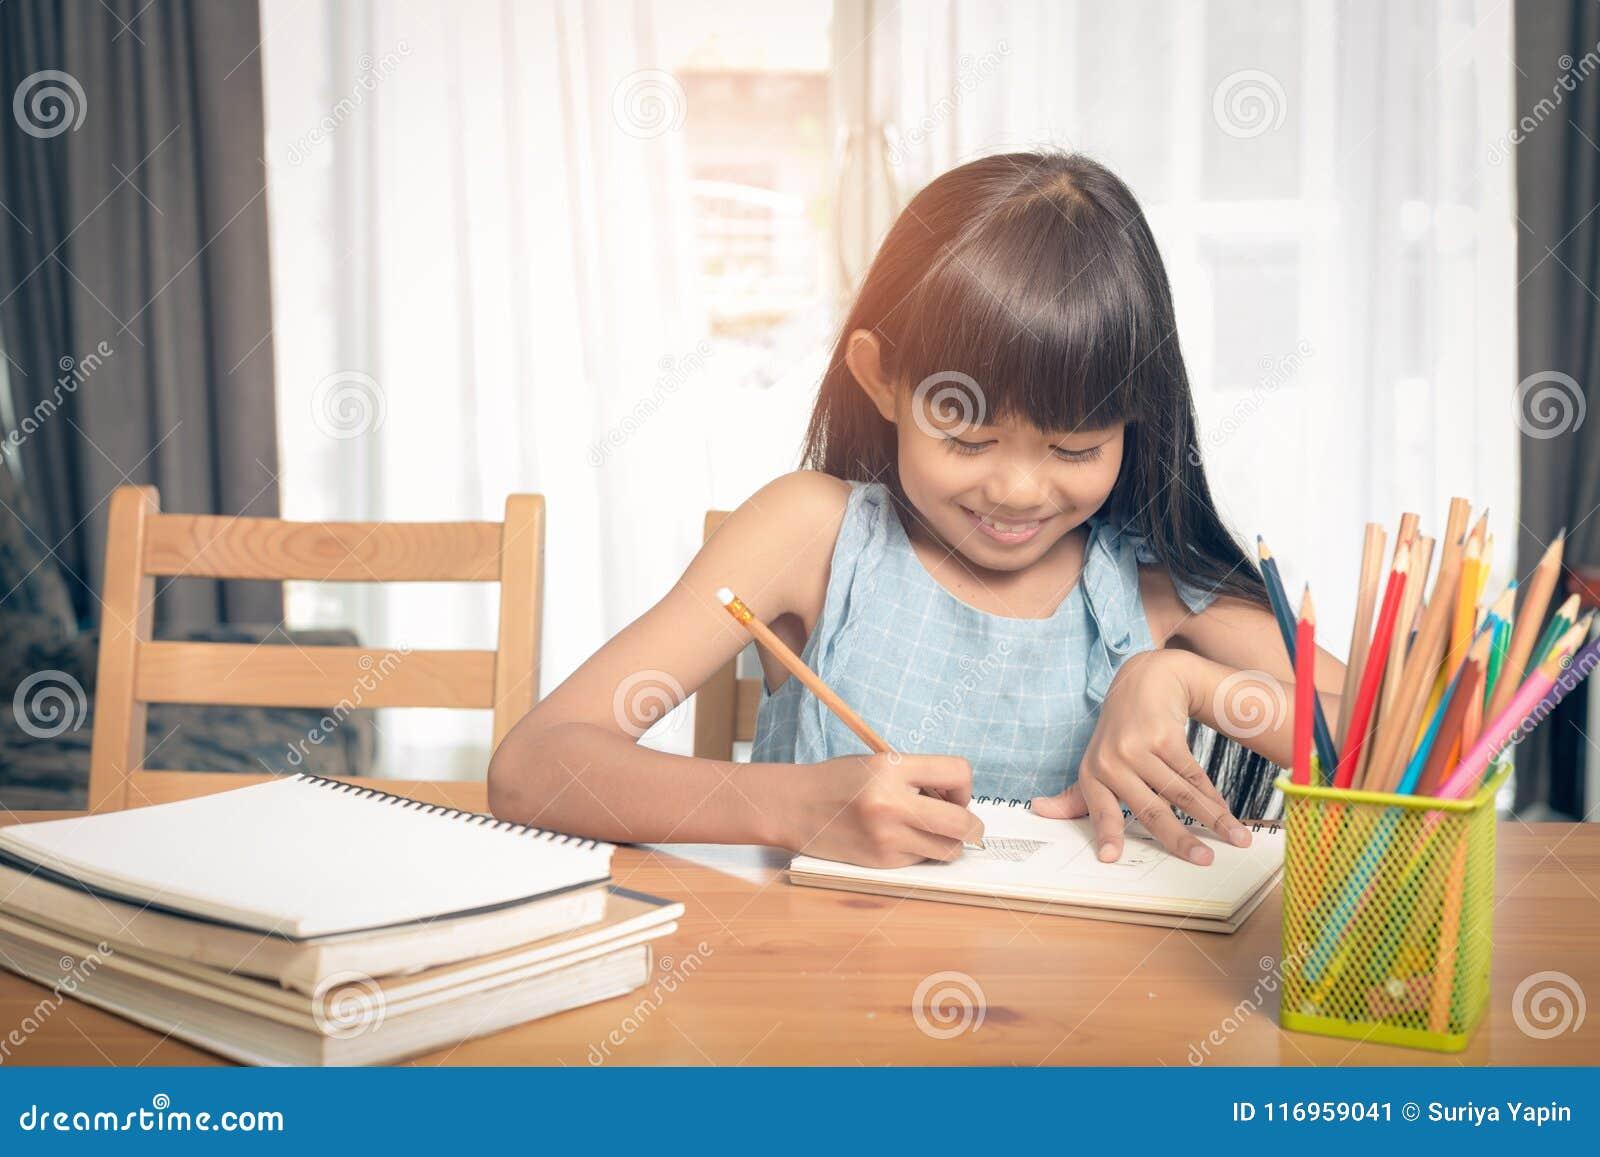 Κορίτσι παιδιών που επισύρει την προσοχή στον πίνακα